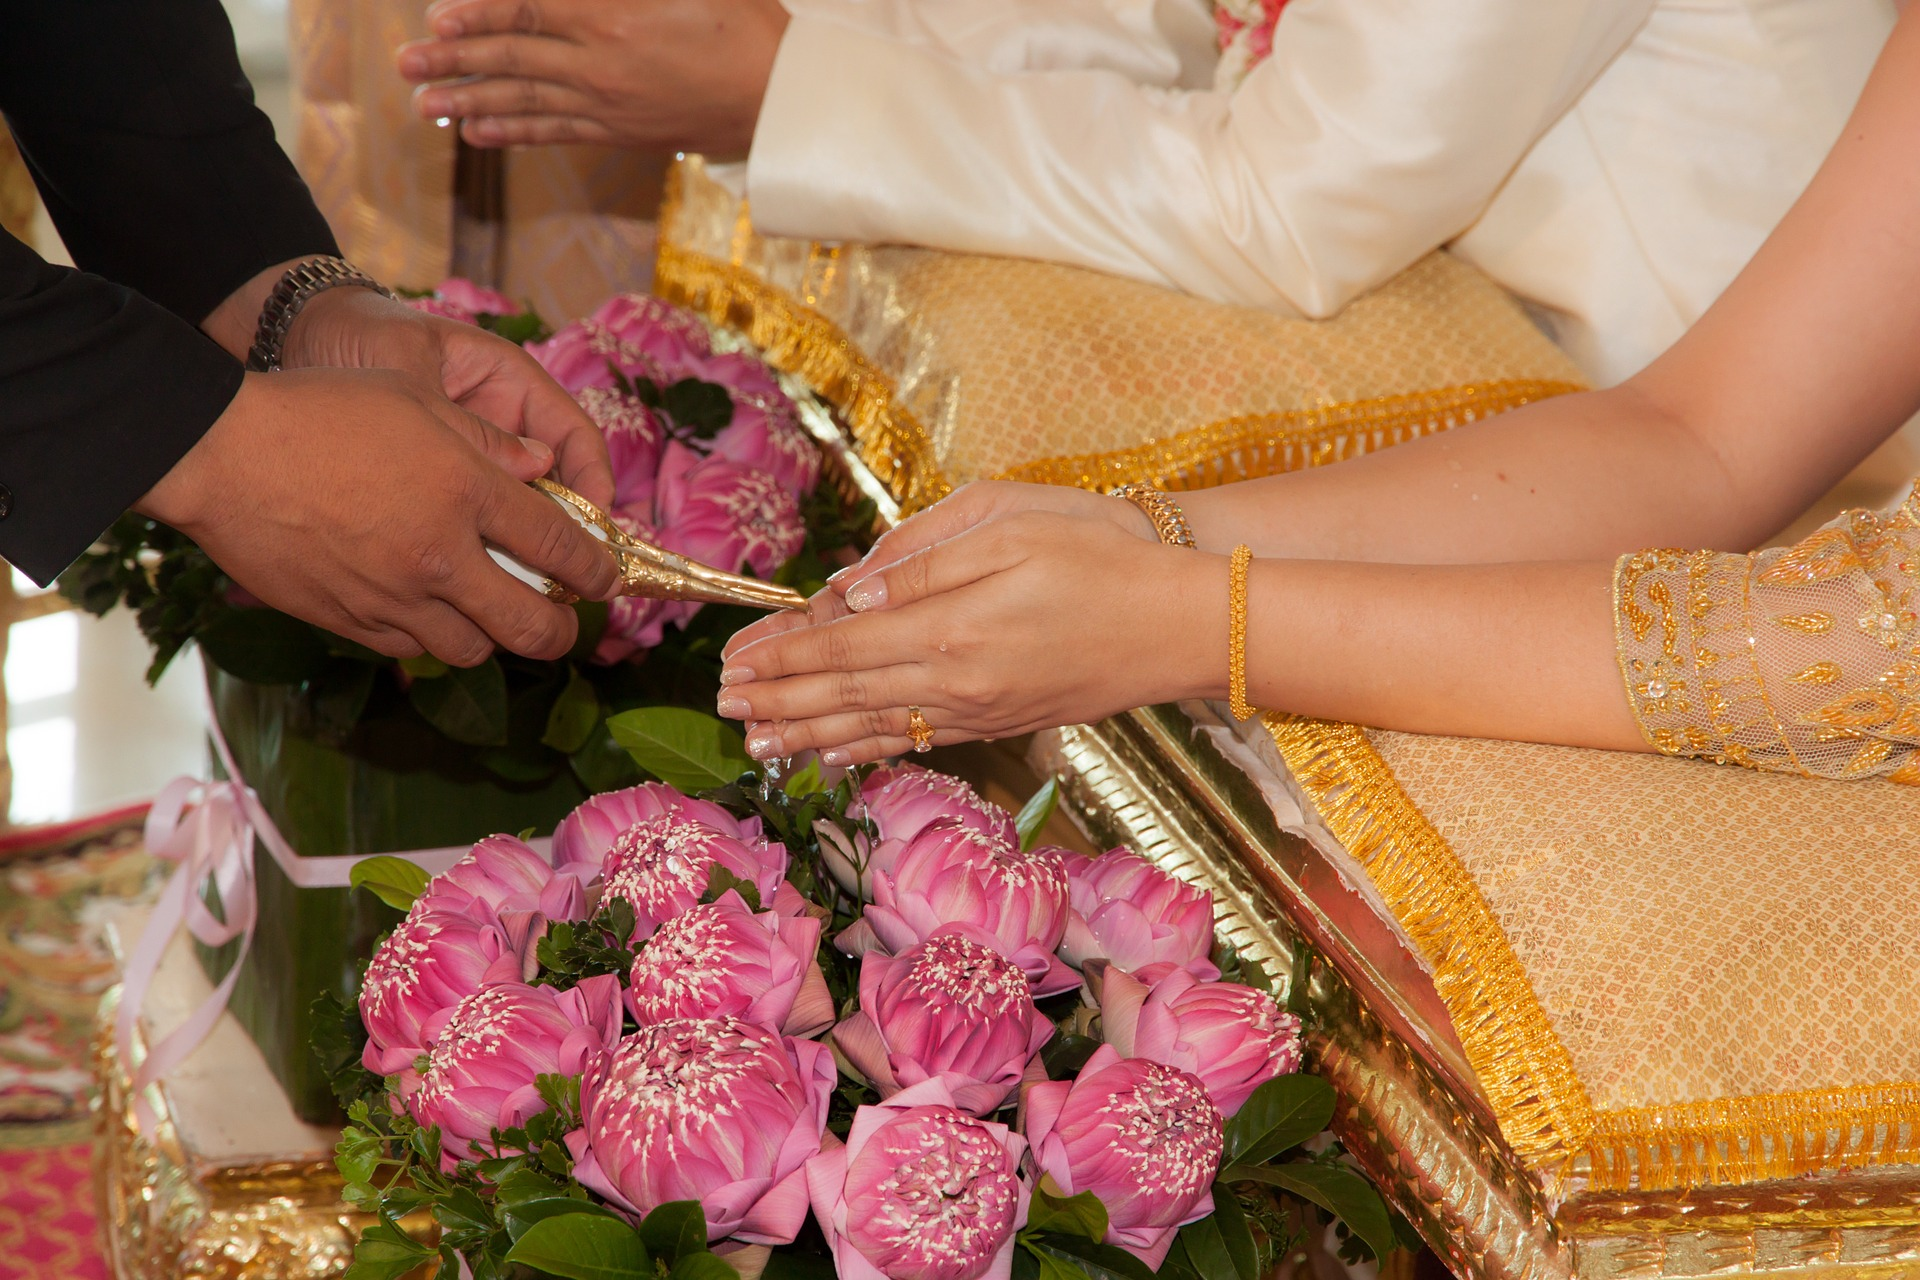 wedding-1308093_1920_pixabay